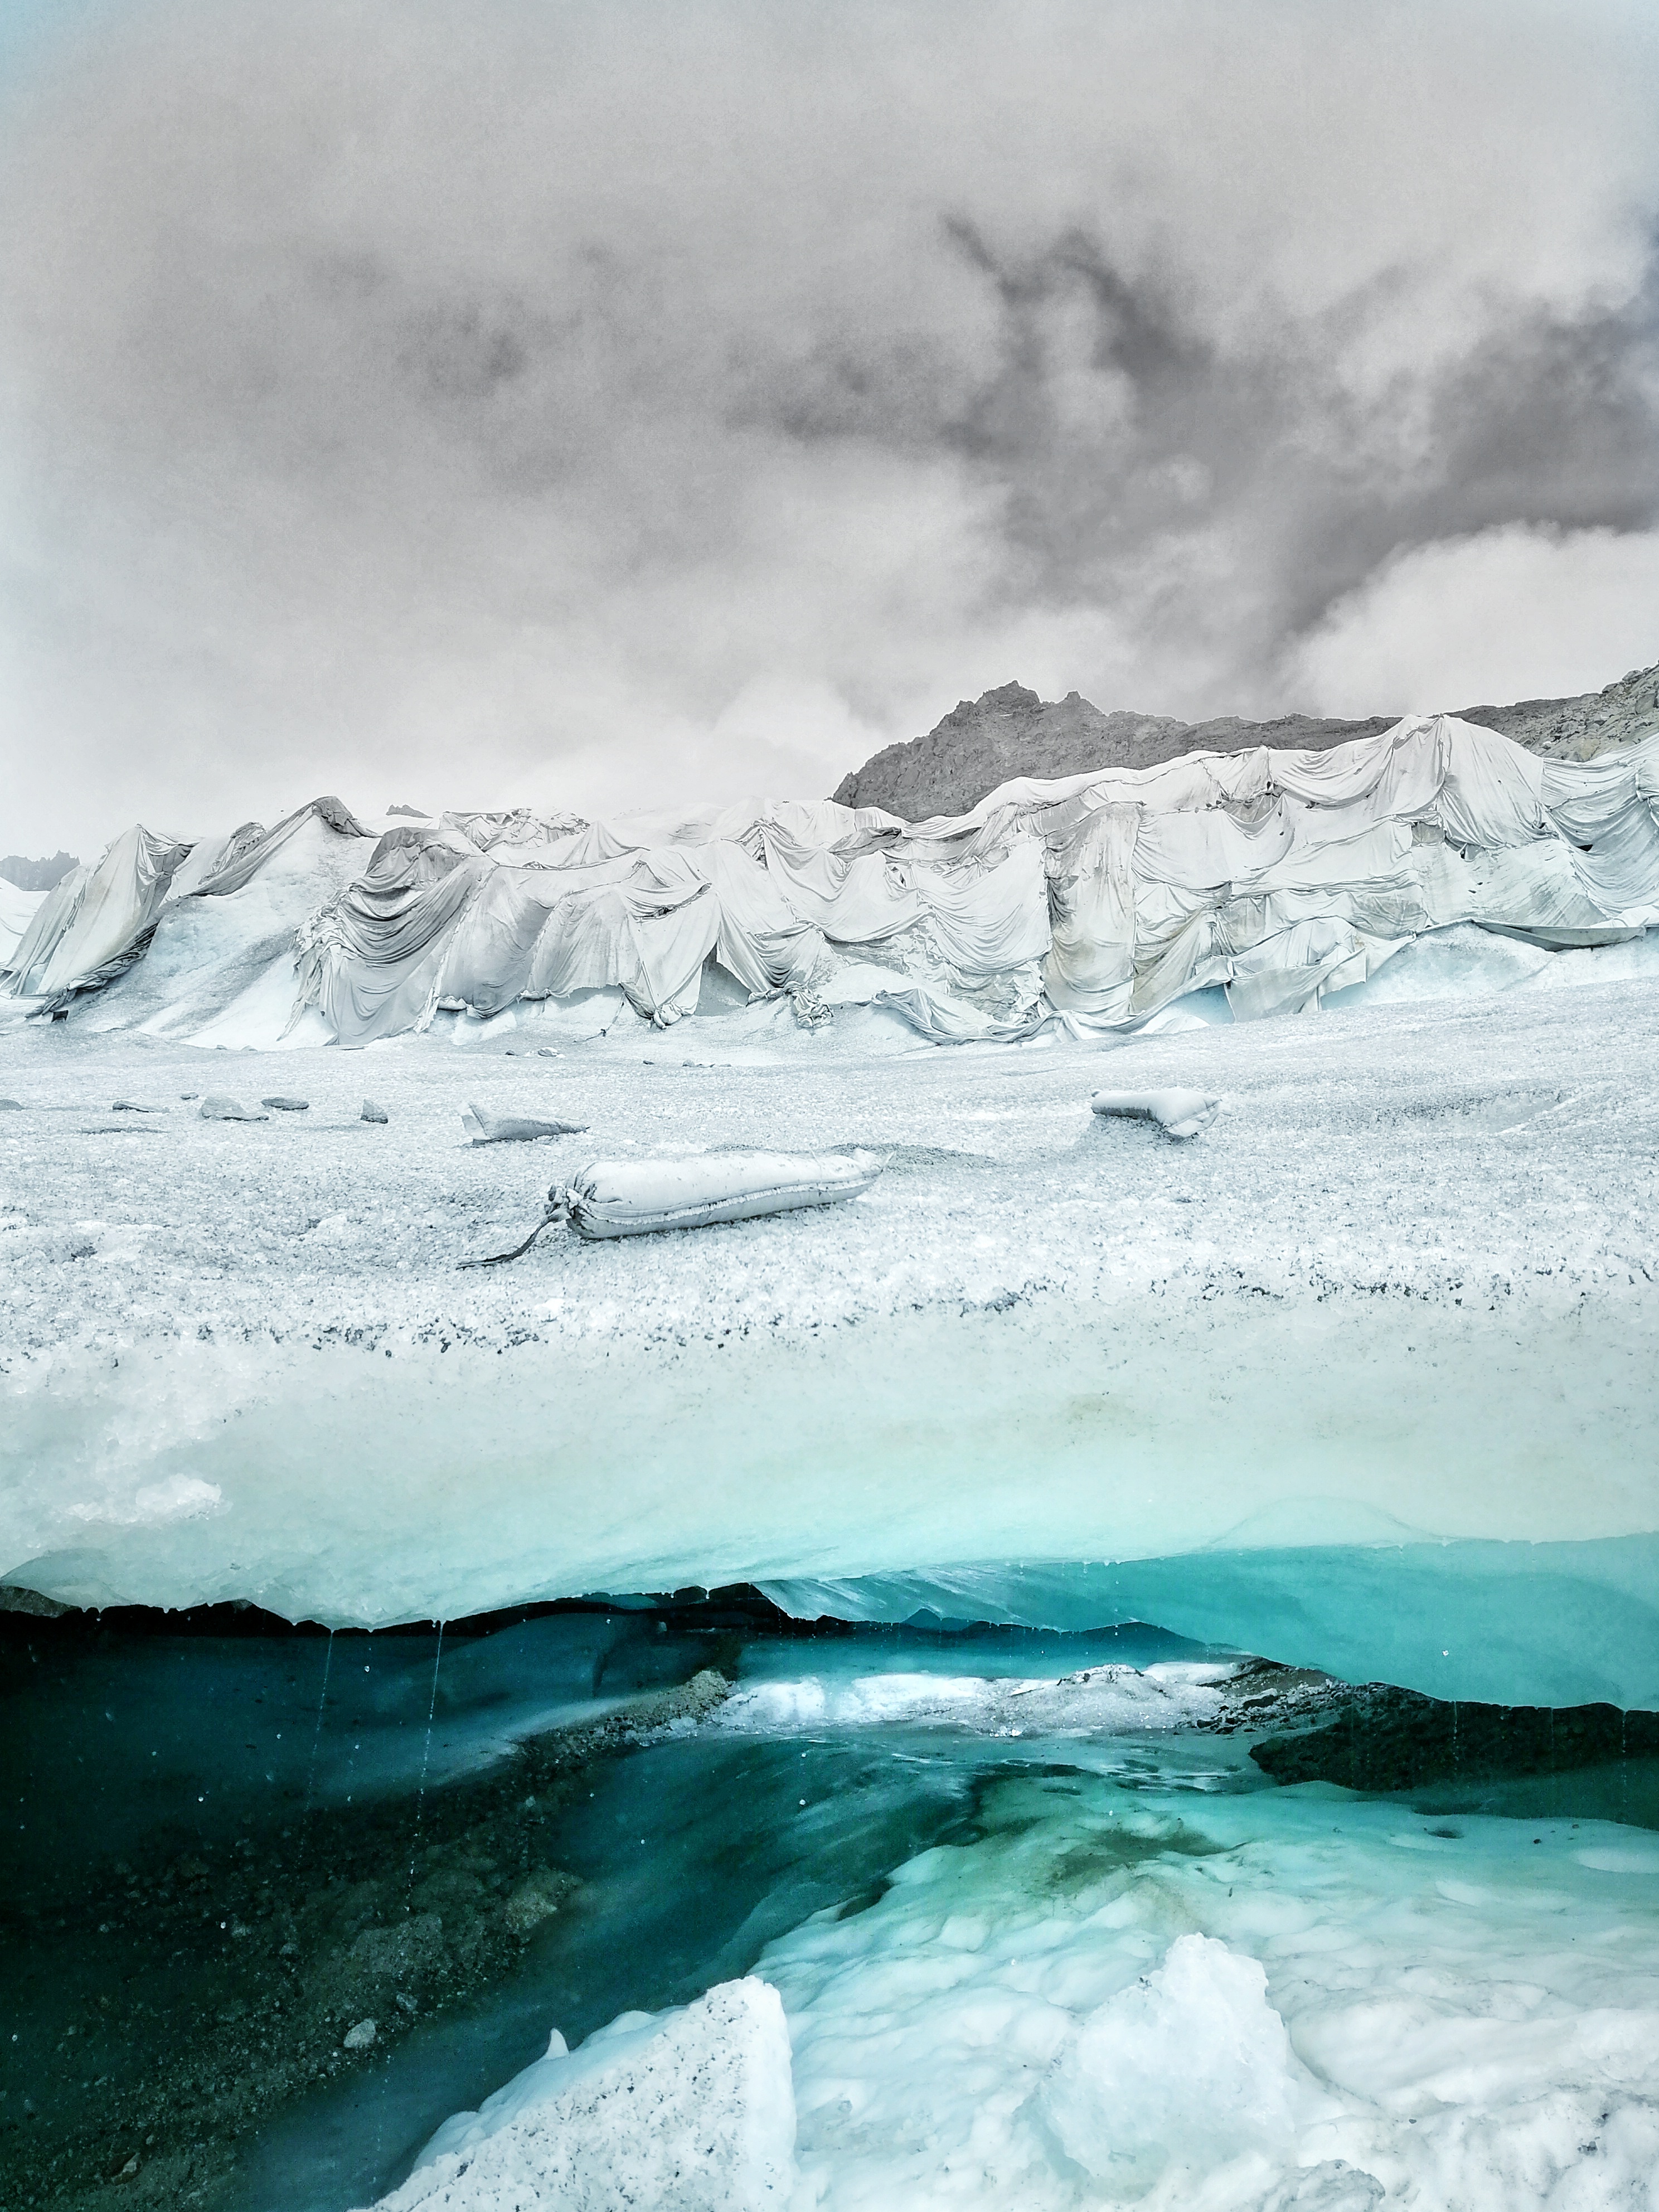 Furka Gletscher